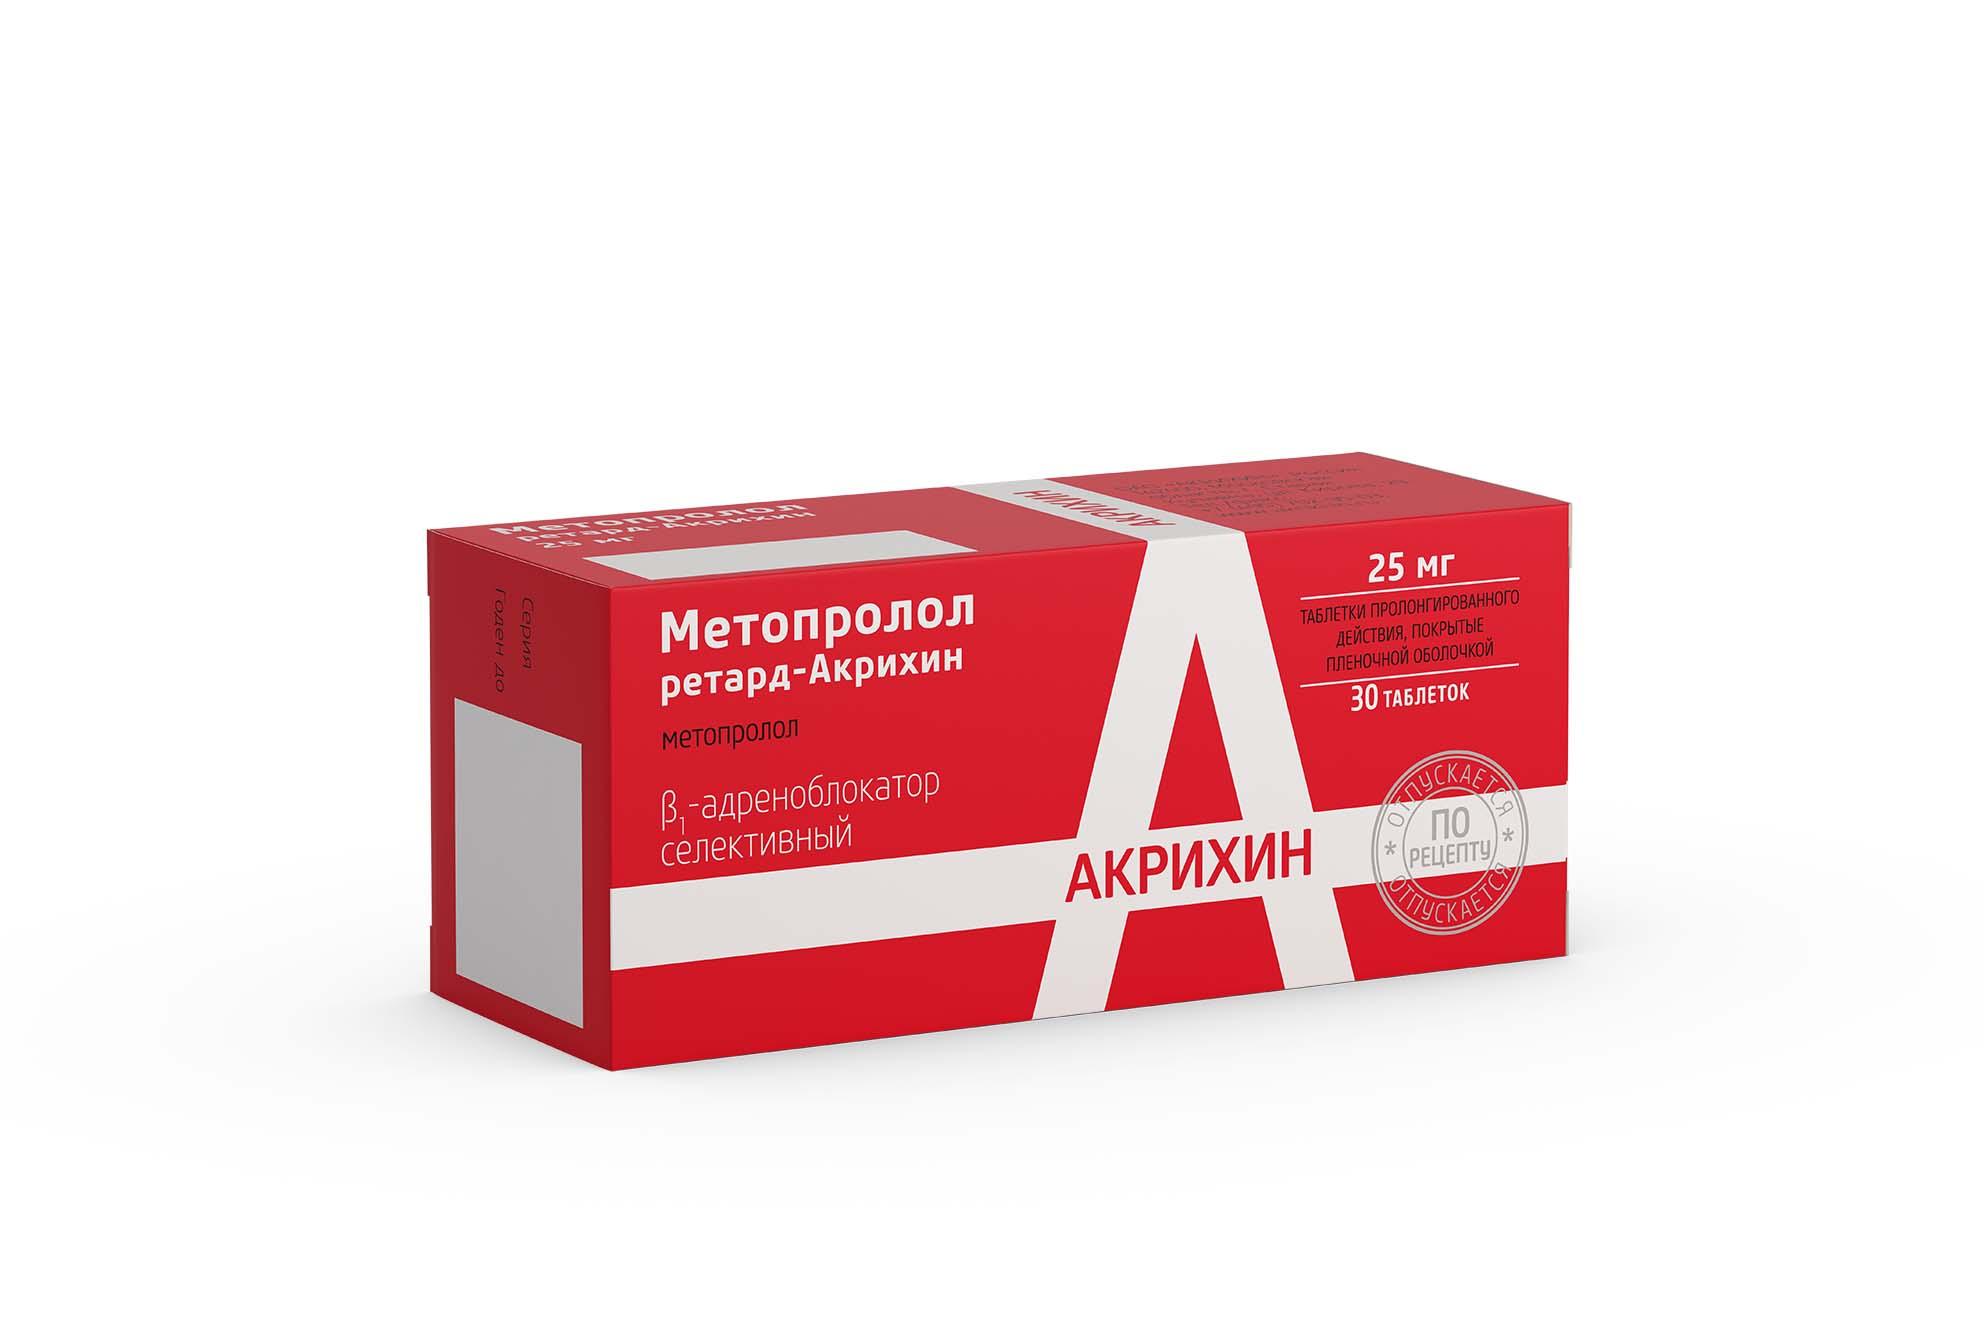 Метопролол ретард-акрихин таб.пролонг.п.п.о. 25мг n30